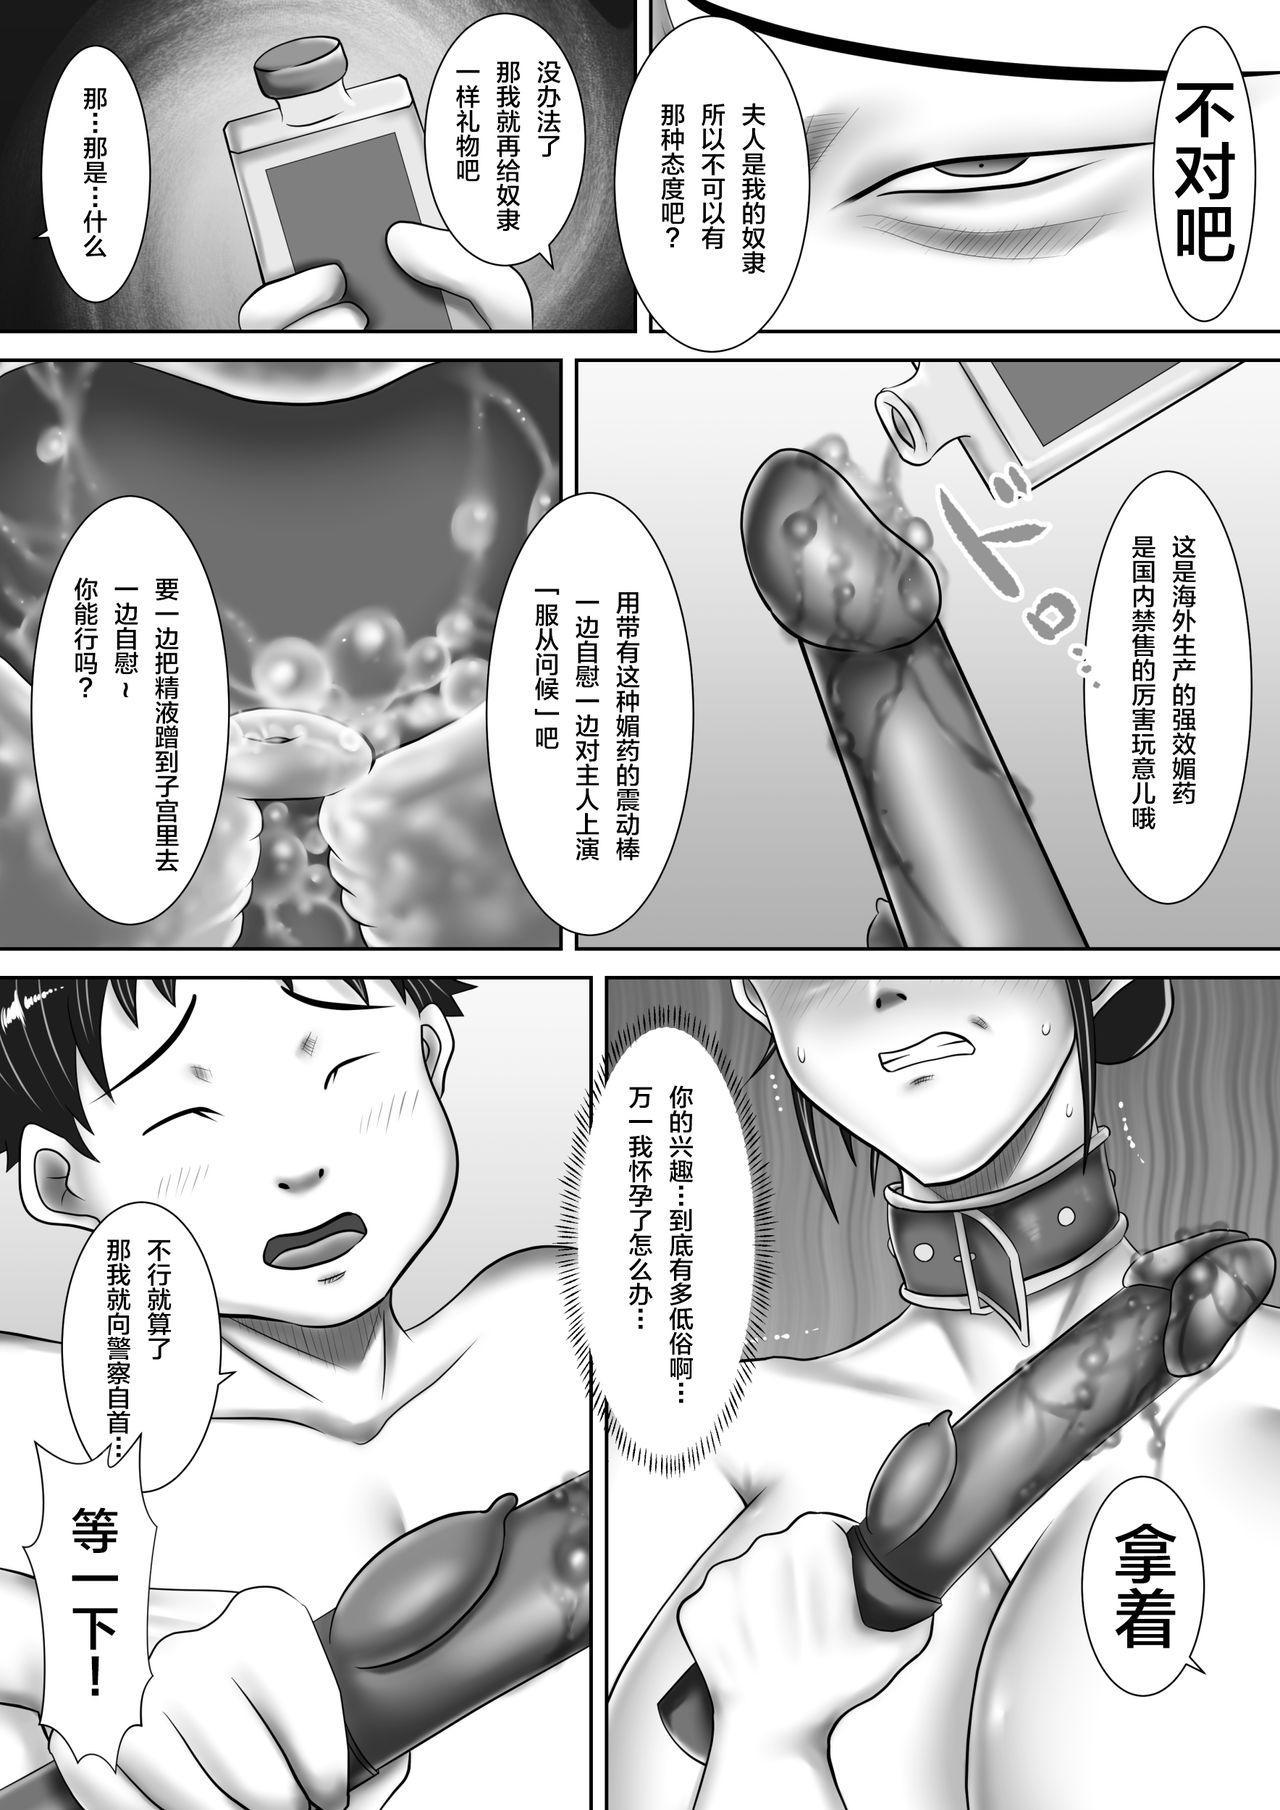 Jitaku de Netorareta Kachiki na Hitozuma 24